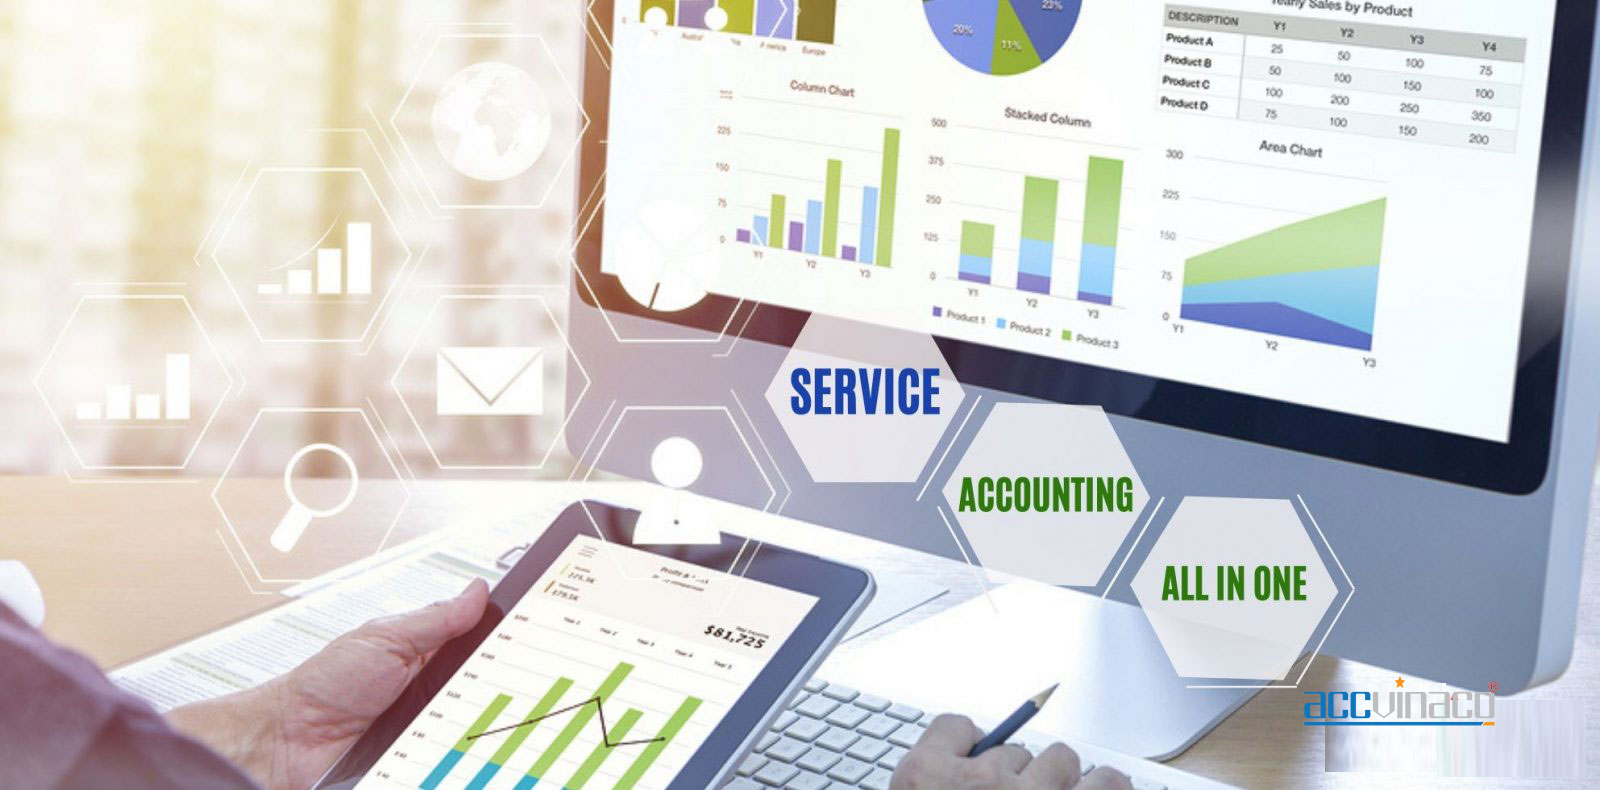 Dịch vụ kế toán uy tín tại quận 5 năm 2021